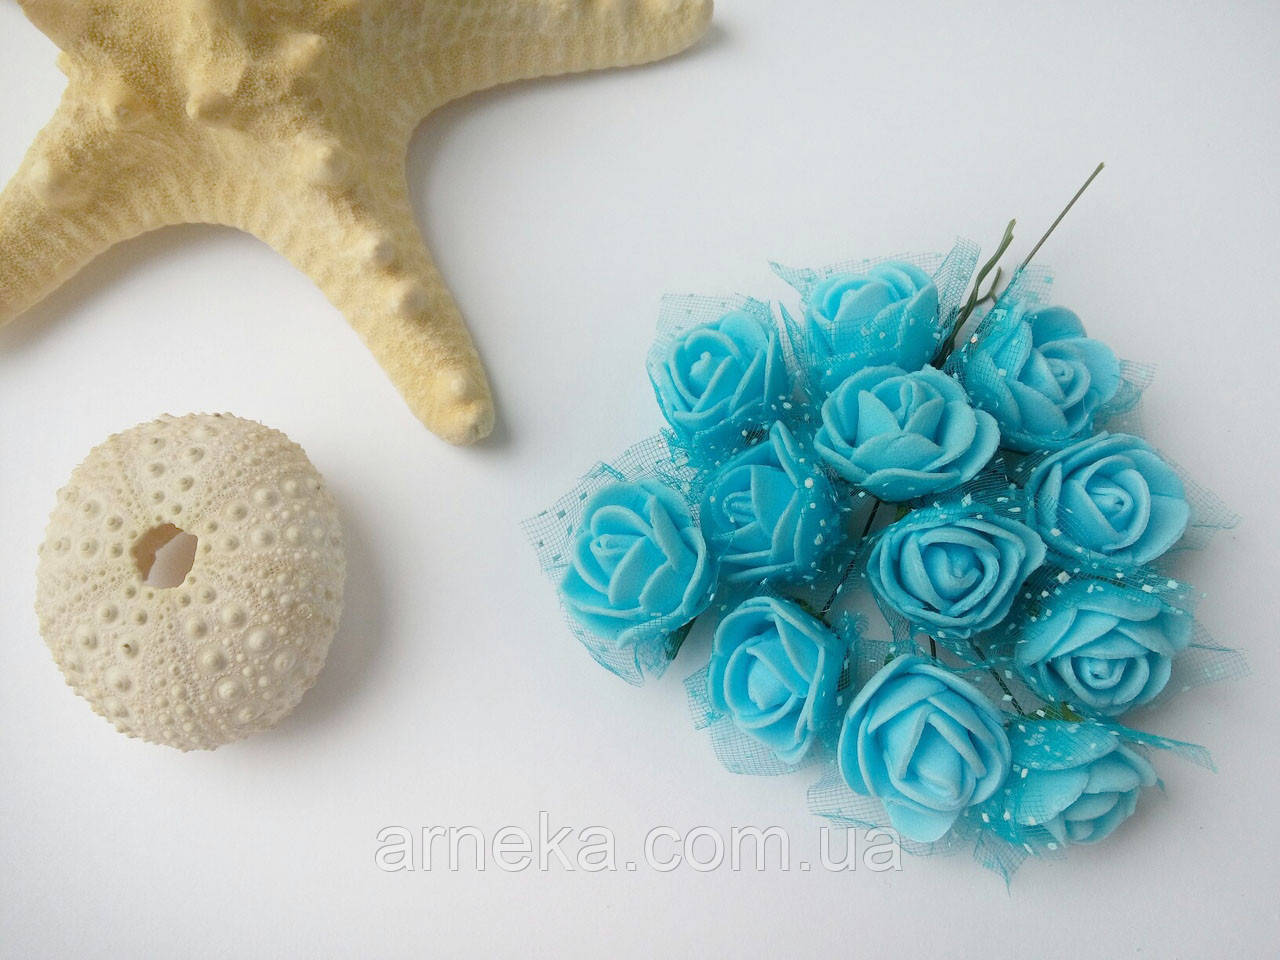 Розы латексные (с фатином) голубые